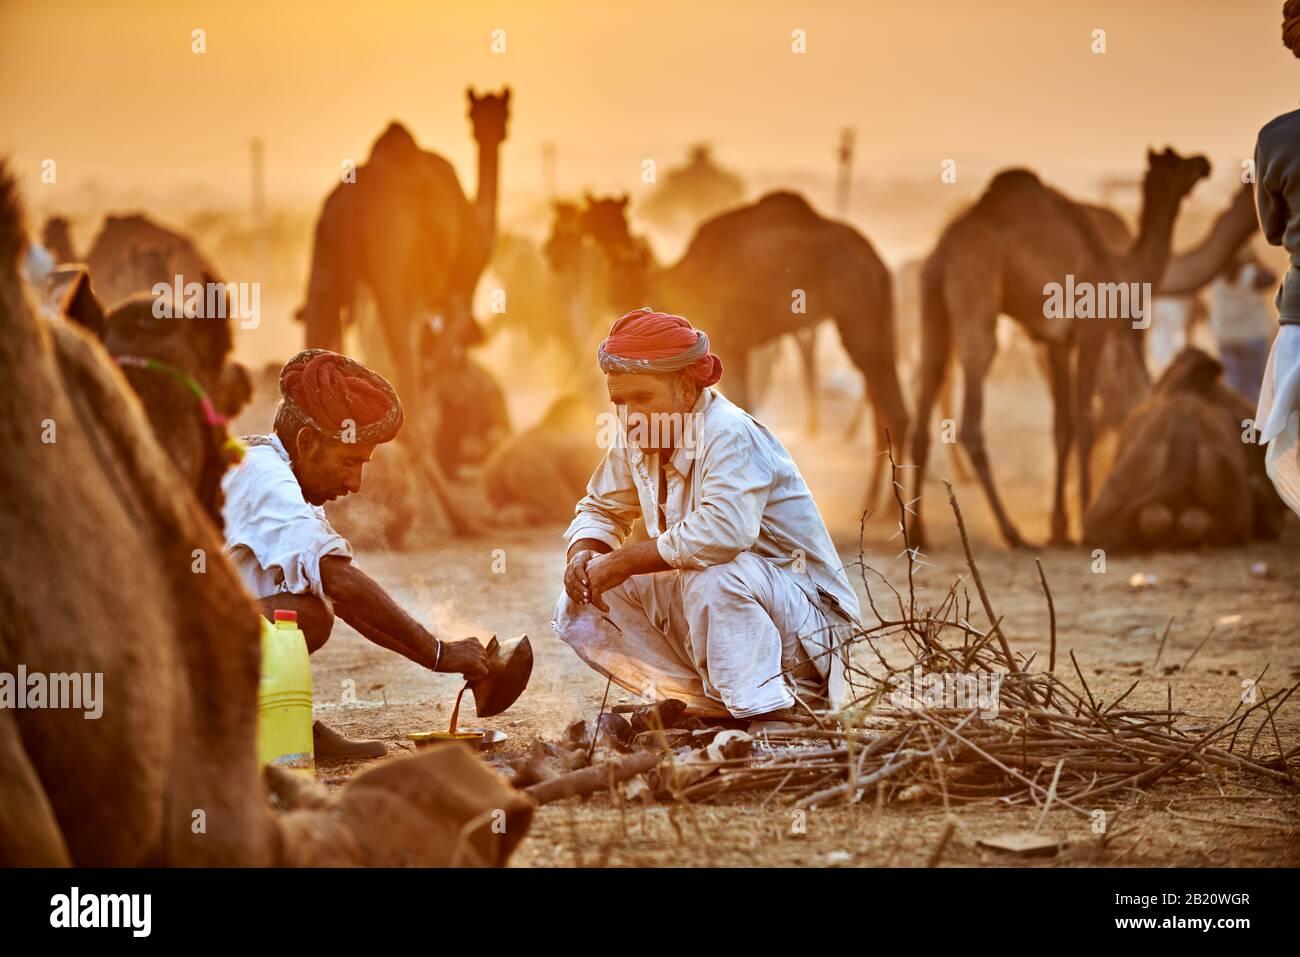 Hombres nómadas de la tribu con turbans tradicionales regatean por los precios entre sus camellos en la feria de camellos y ganado, Pushkar Mela, Pushkar, Rajasthan Foto de stock